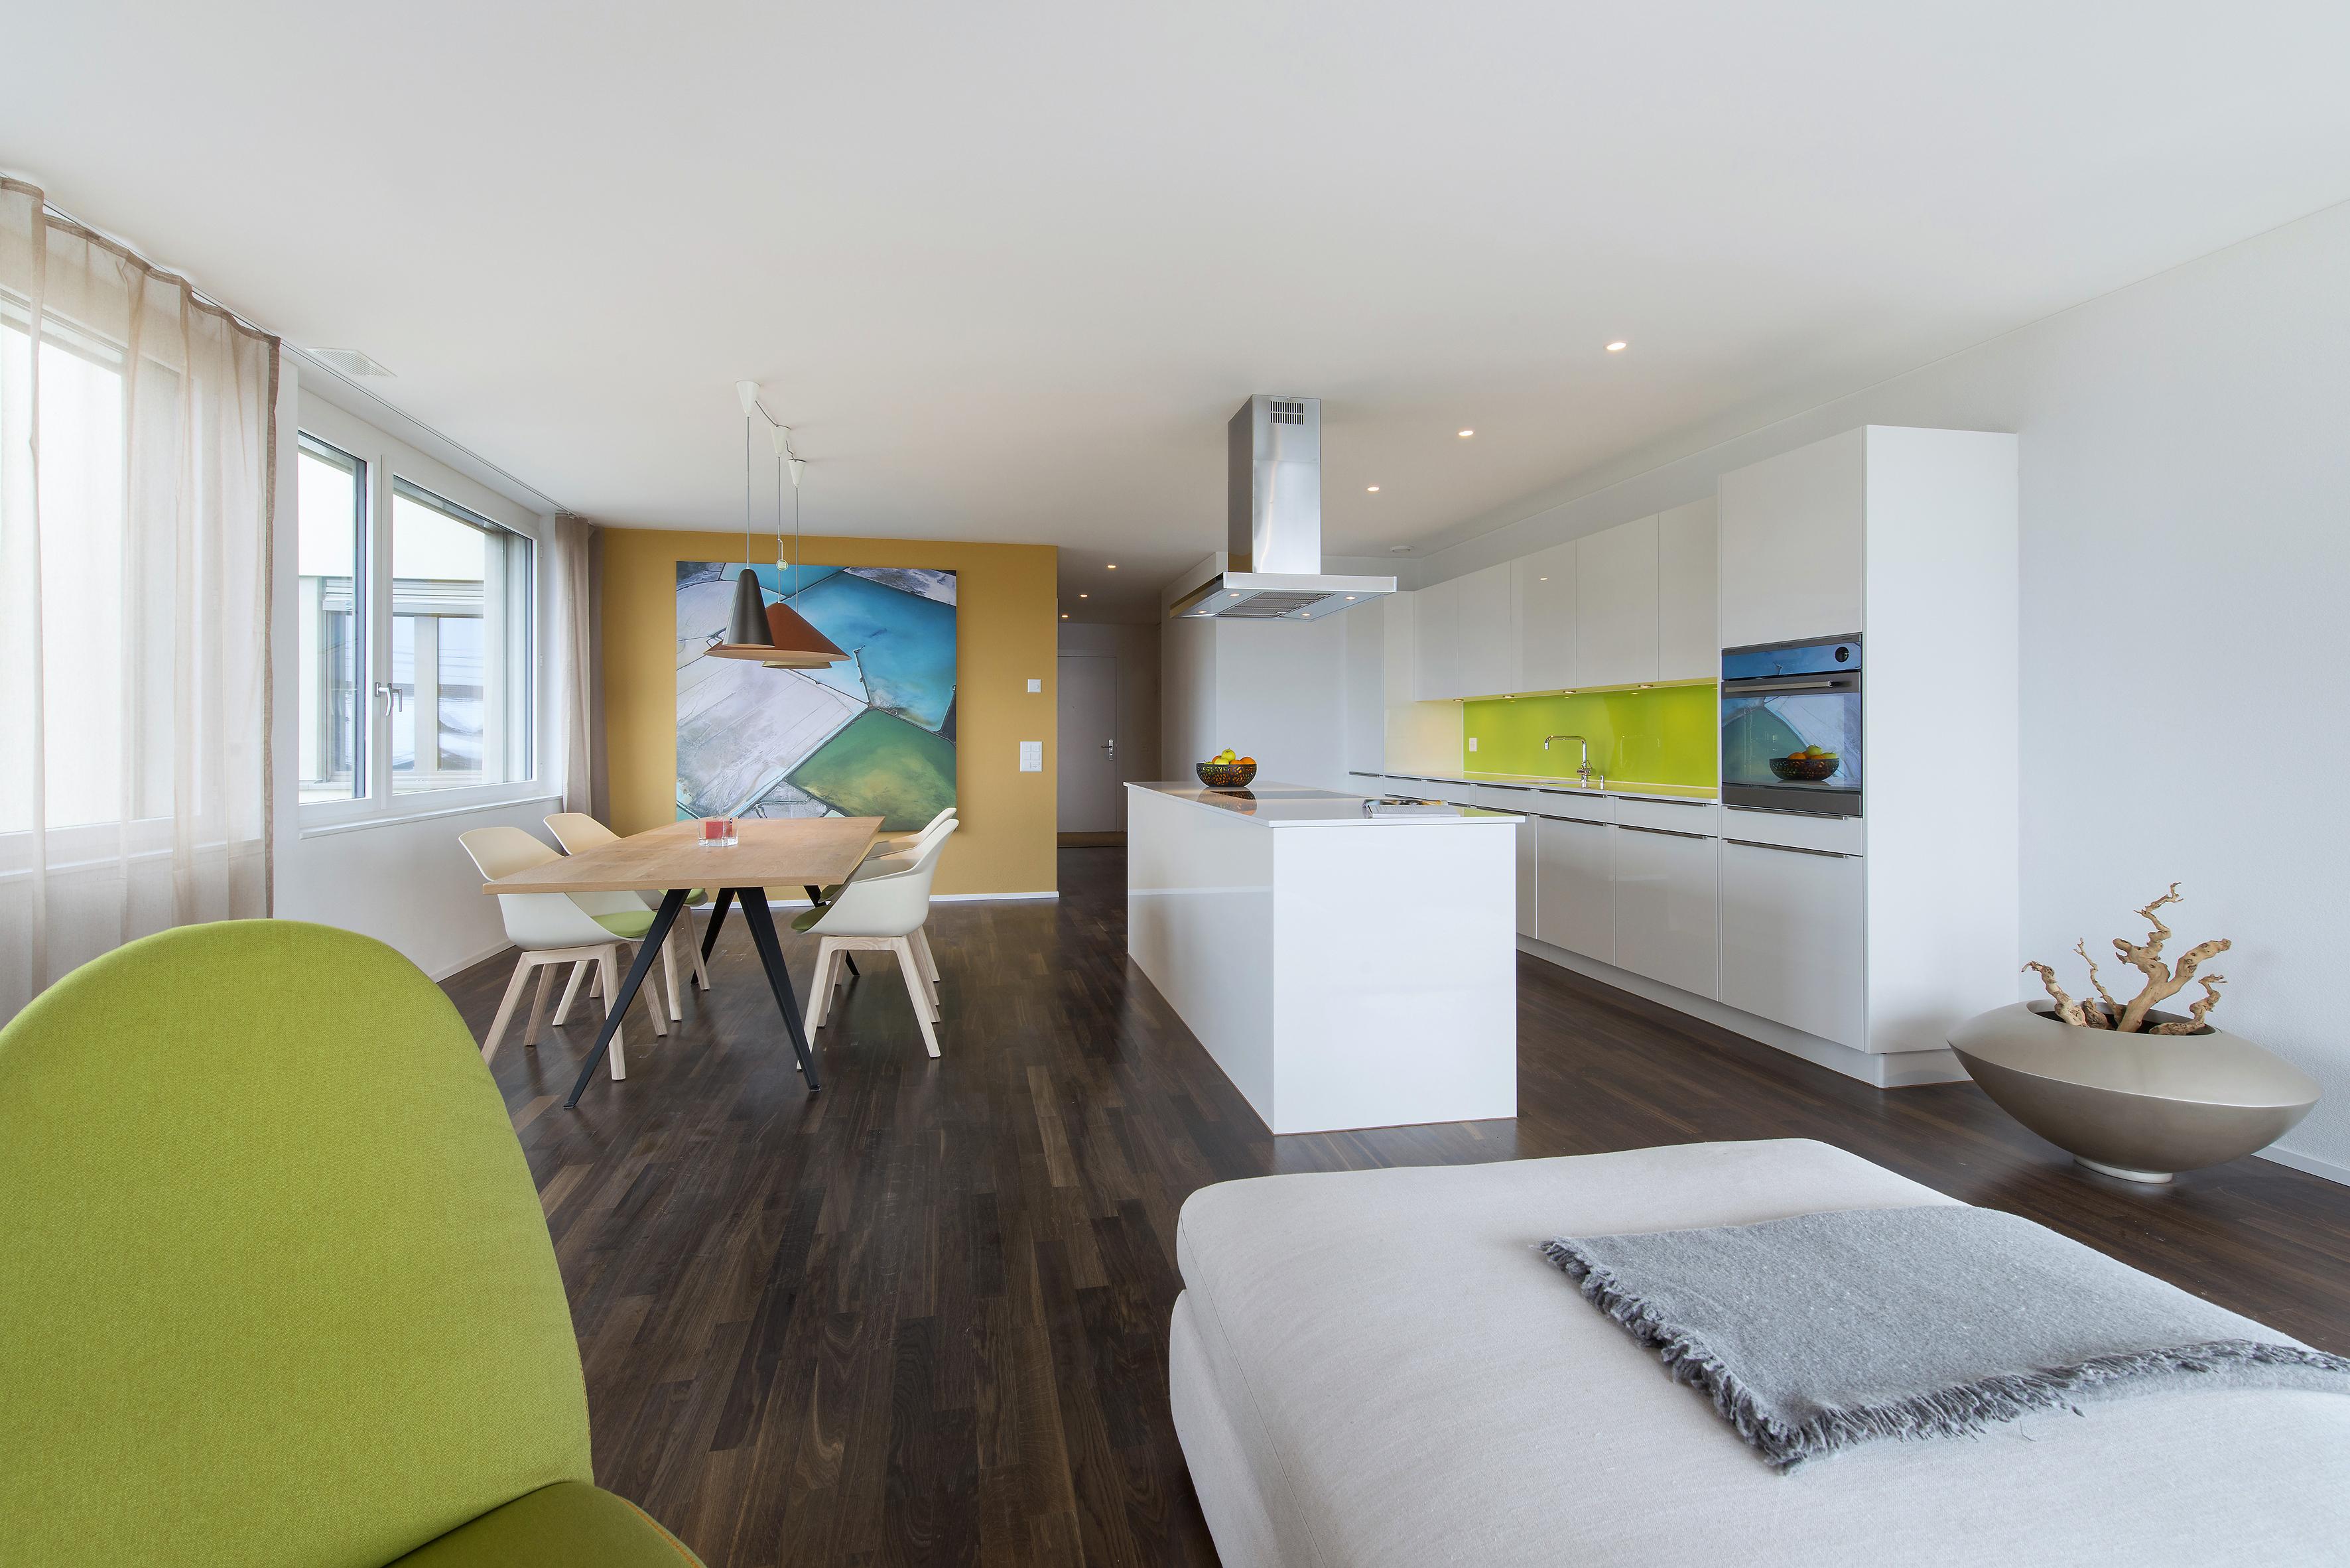 Wohnraum, Hedingen - Innenarchitektur Leitgedanke Projekte - Bogen ...